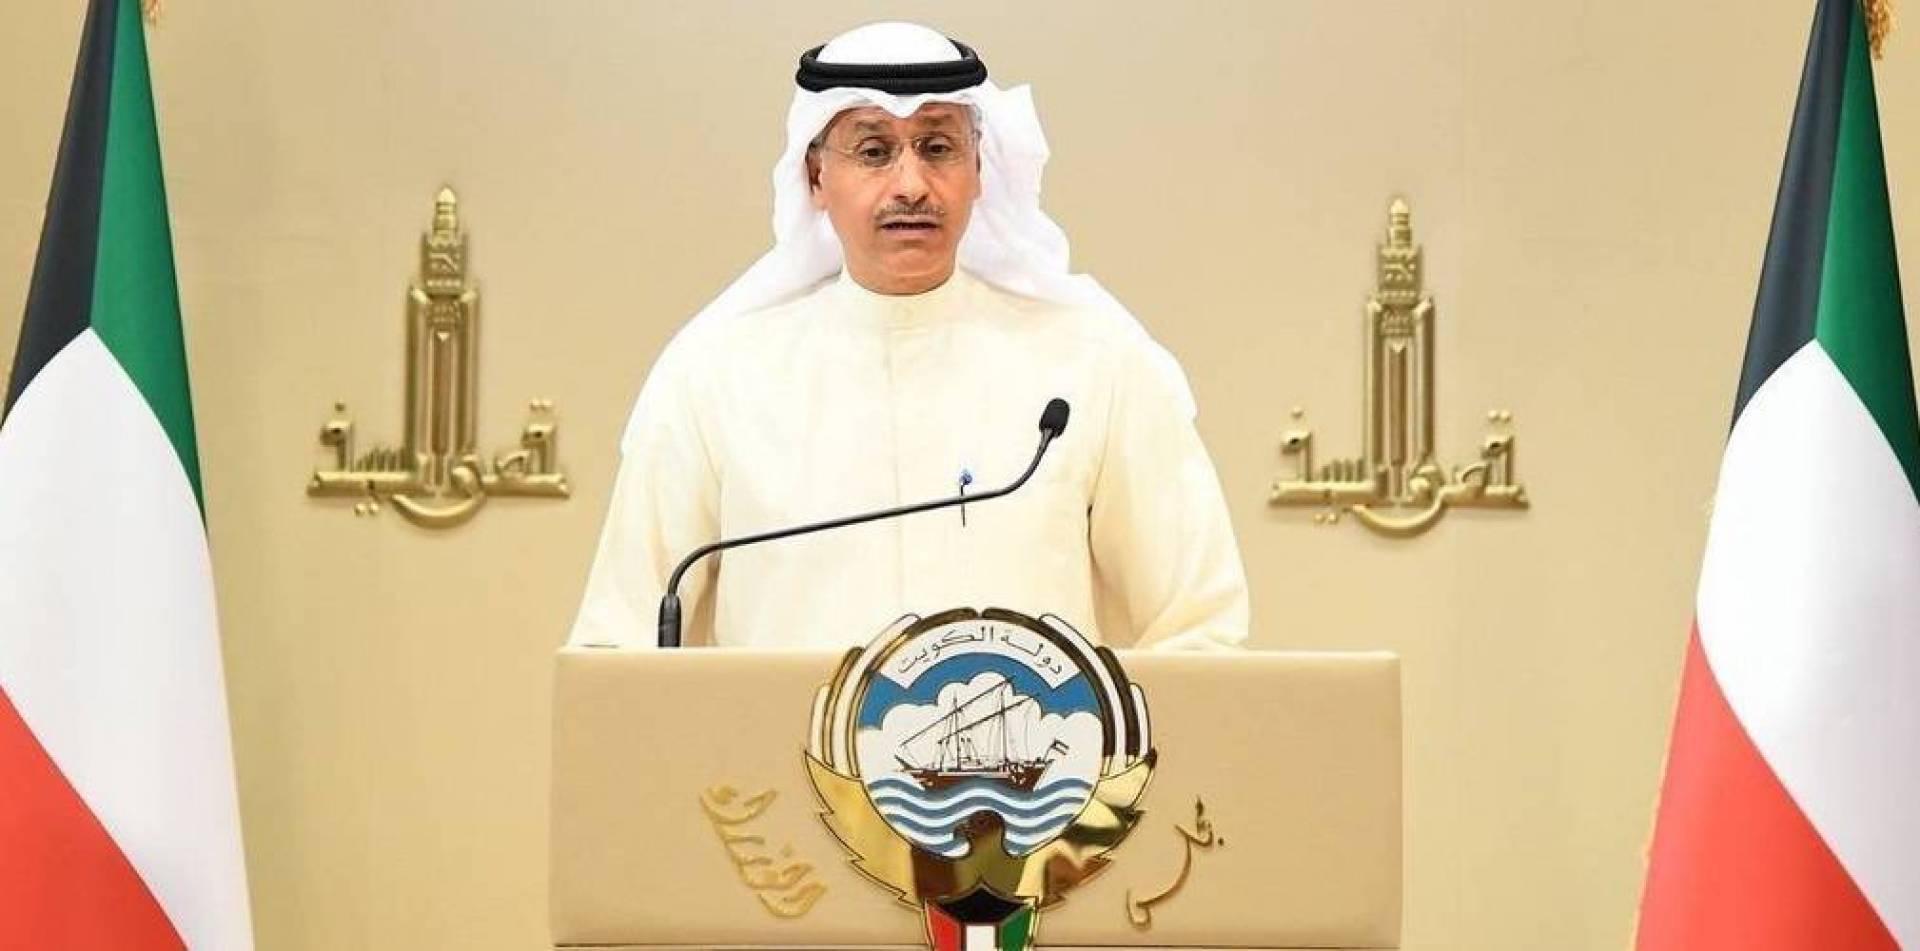 طارق المزرم: مجلس الوزراء يقرر إنهاء العزل المفروض على جليب الشيوخ والمهبولة